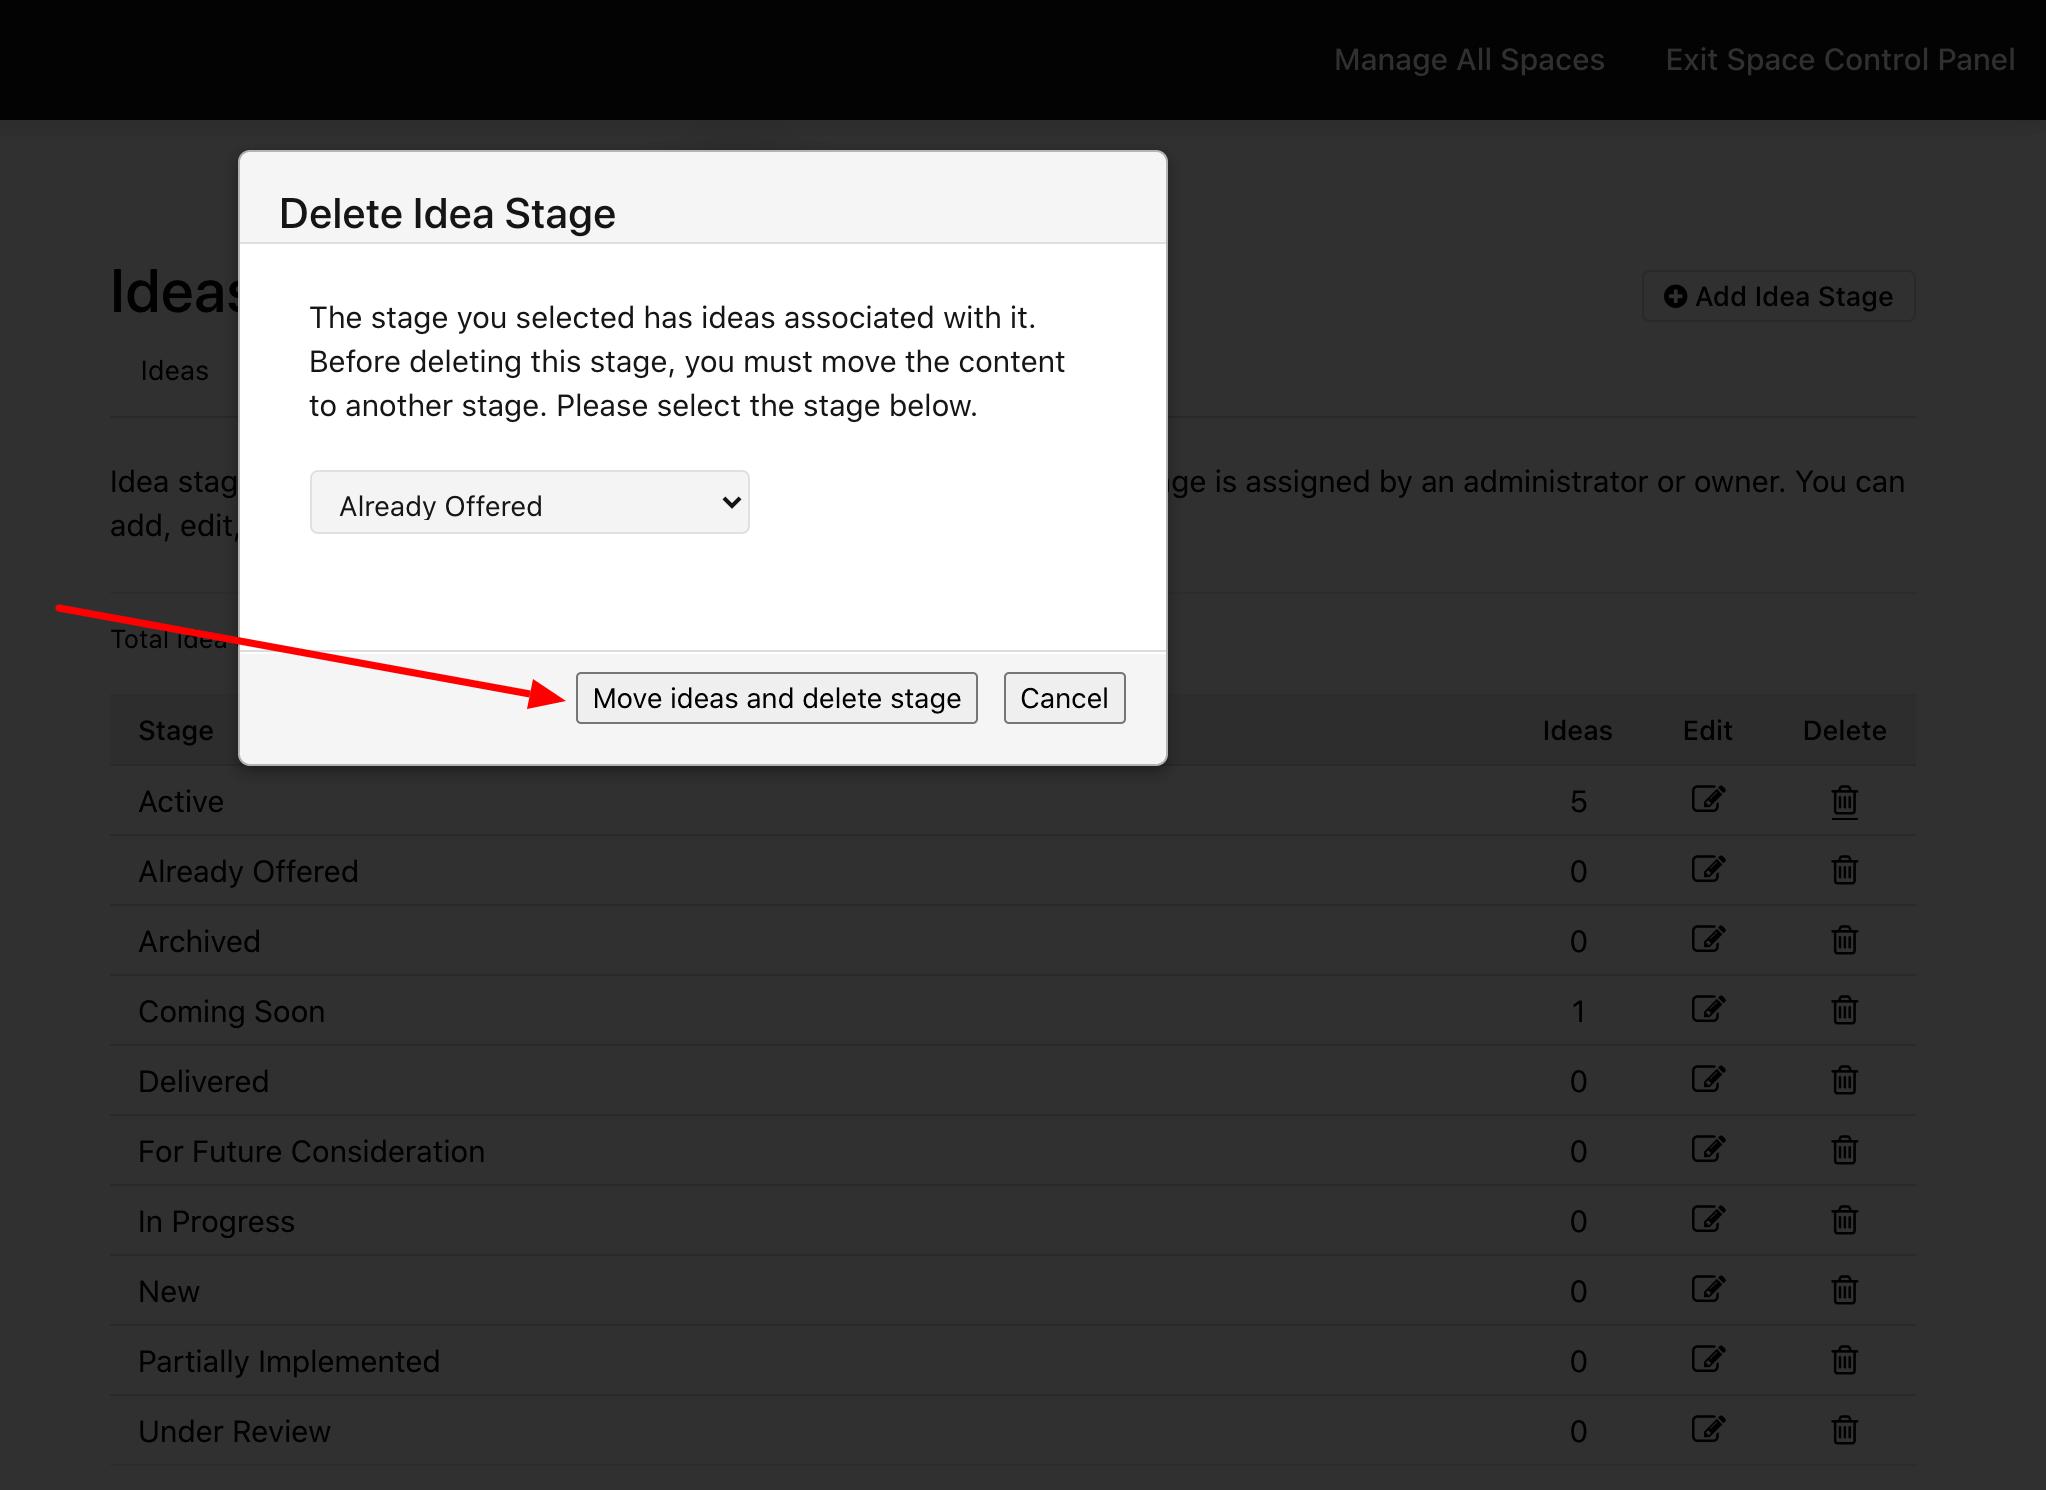 Click Move ideas and delete stage